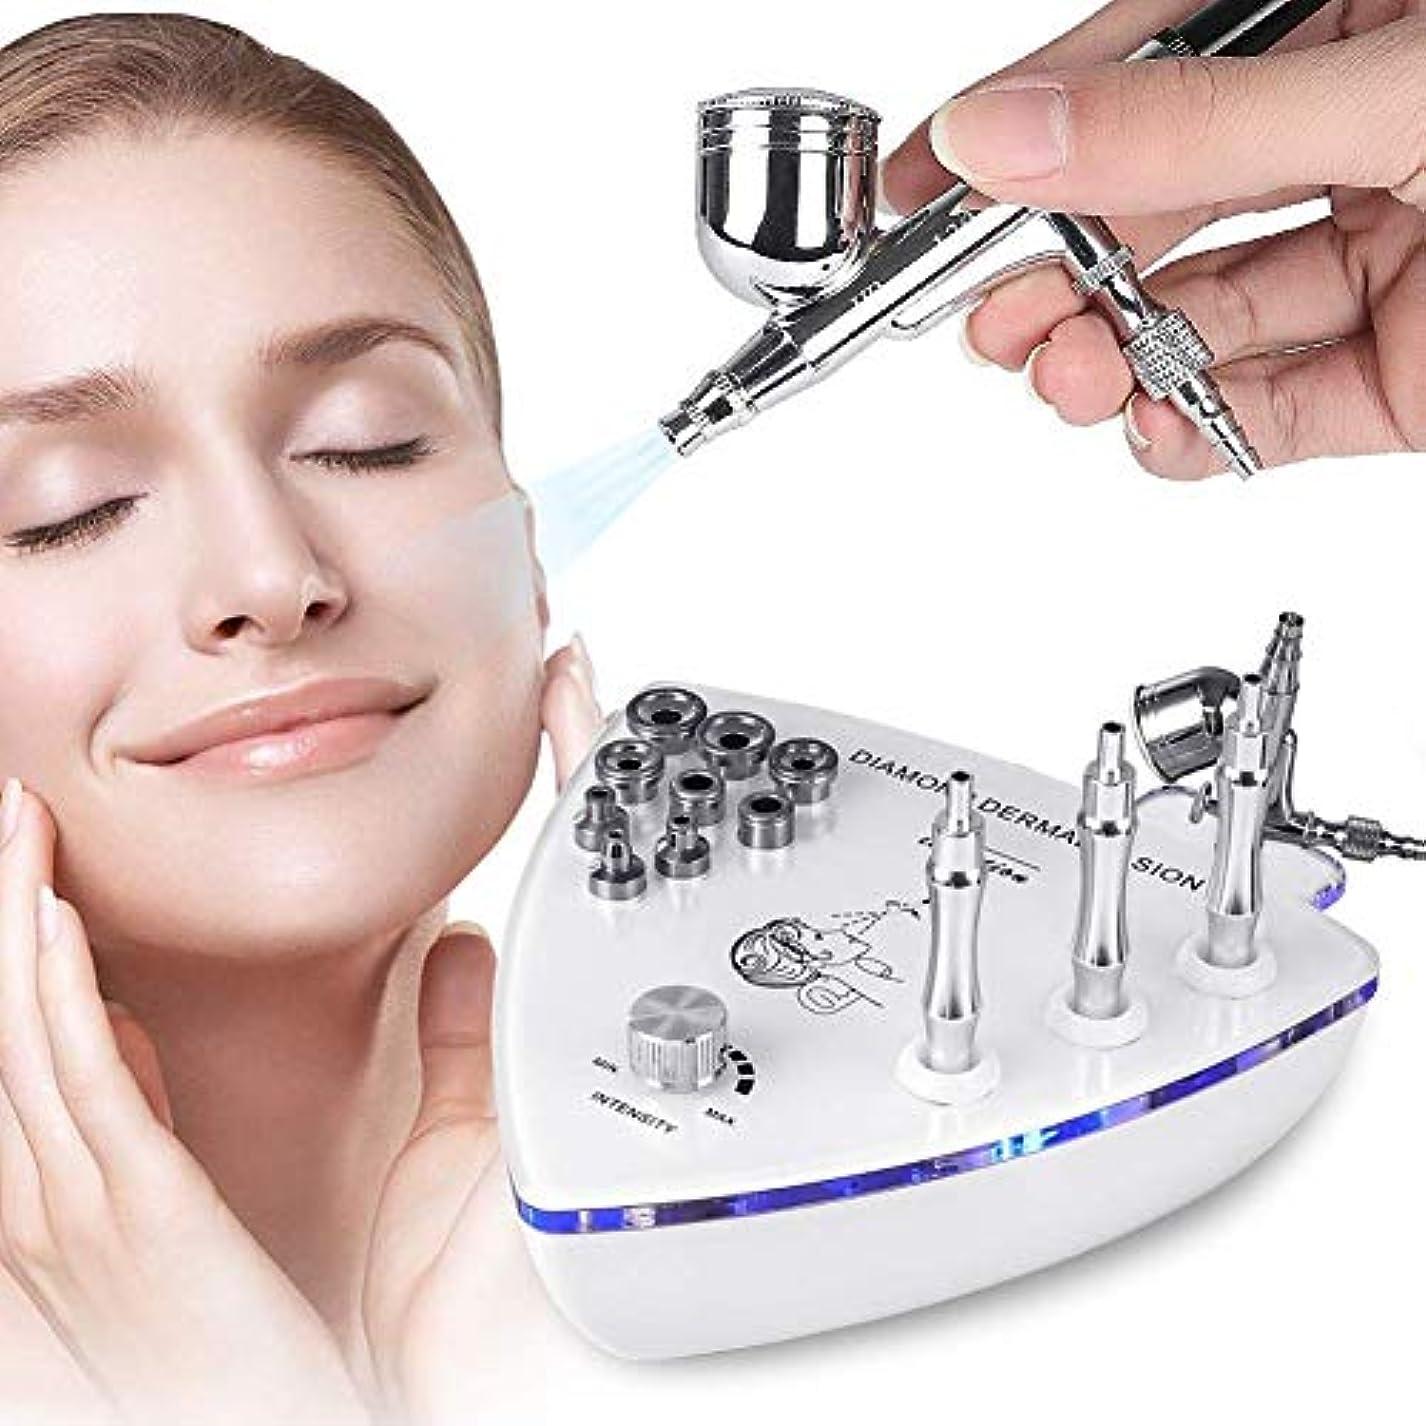 敬意裁定アロングスプレーガン皮膚剥離除去顔の皮膚剥離装置、Professionalホームの使用をスプレーフェイシャル?美容サロン機器とダイヤモンドマイクロダーマブレーション皮膚剥離機、